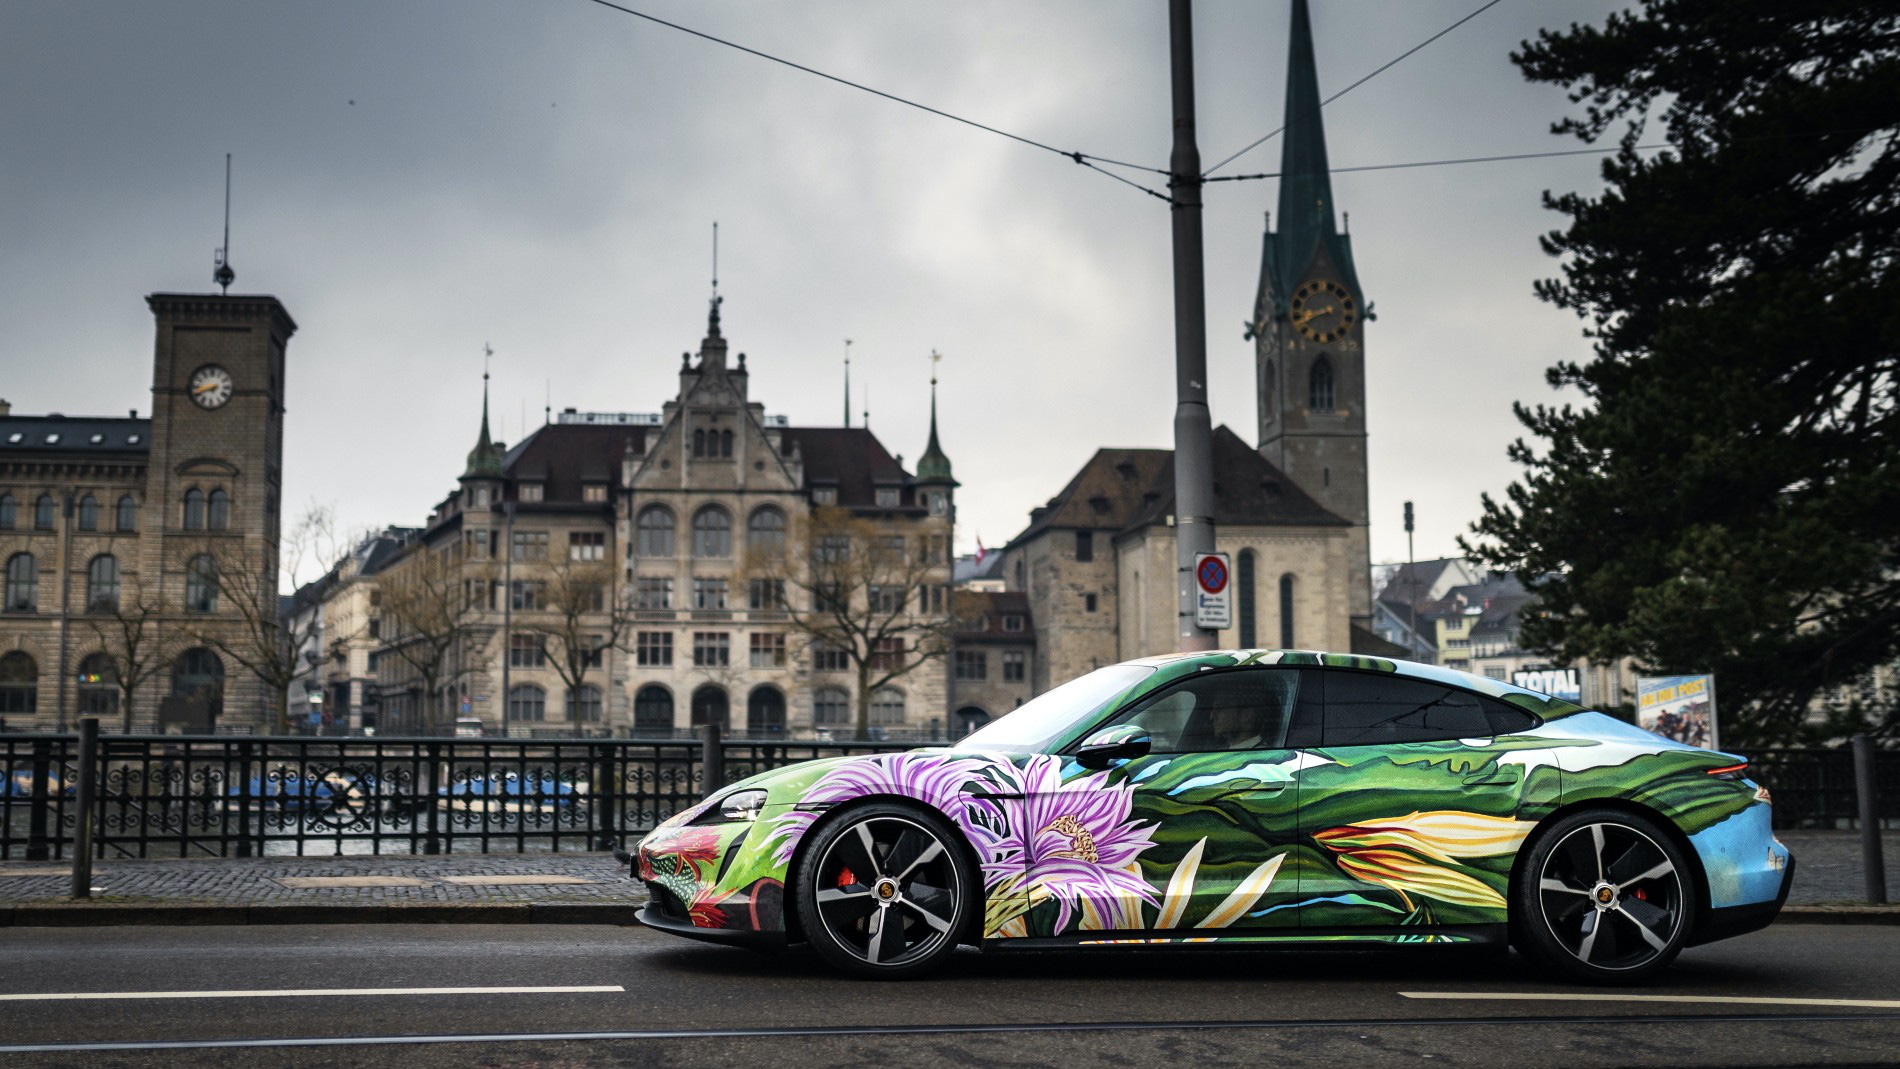 """Siêu xe nghệ thuật Porsche Taycan """"Nữ Hoàng Bóng Đêm"""" được bán với giá 200.000 USD - Ảnh 3."""